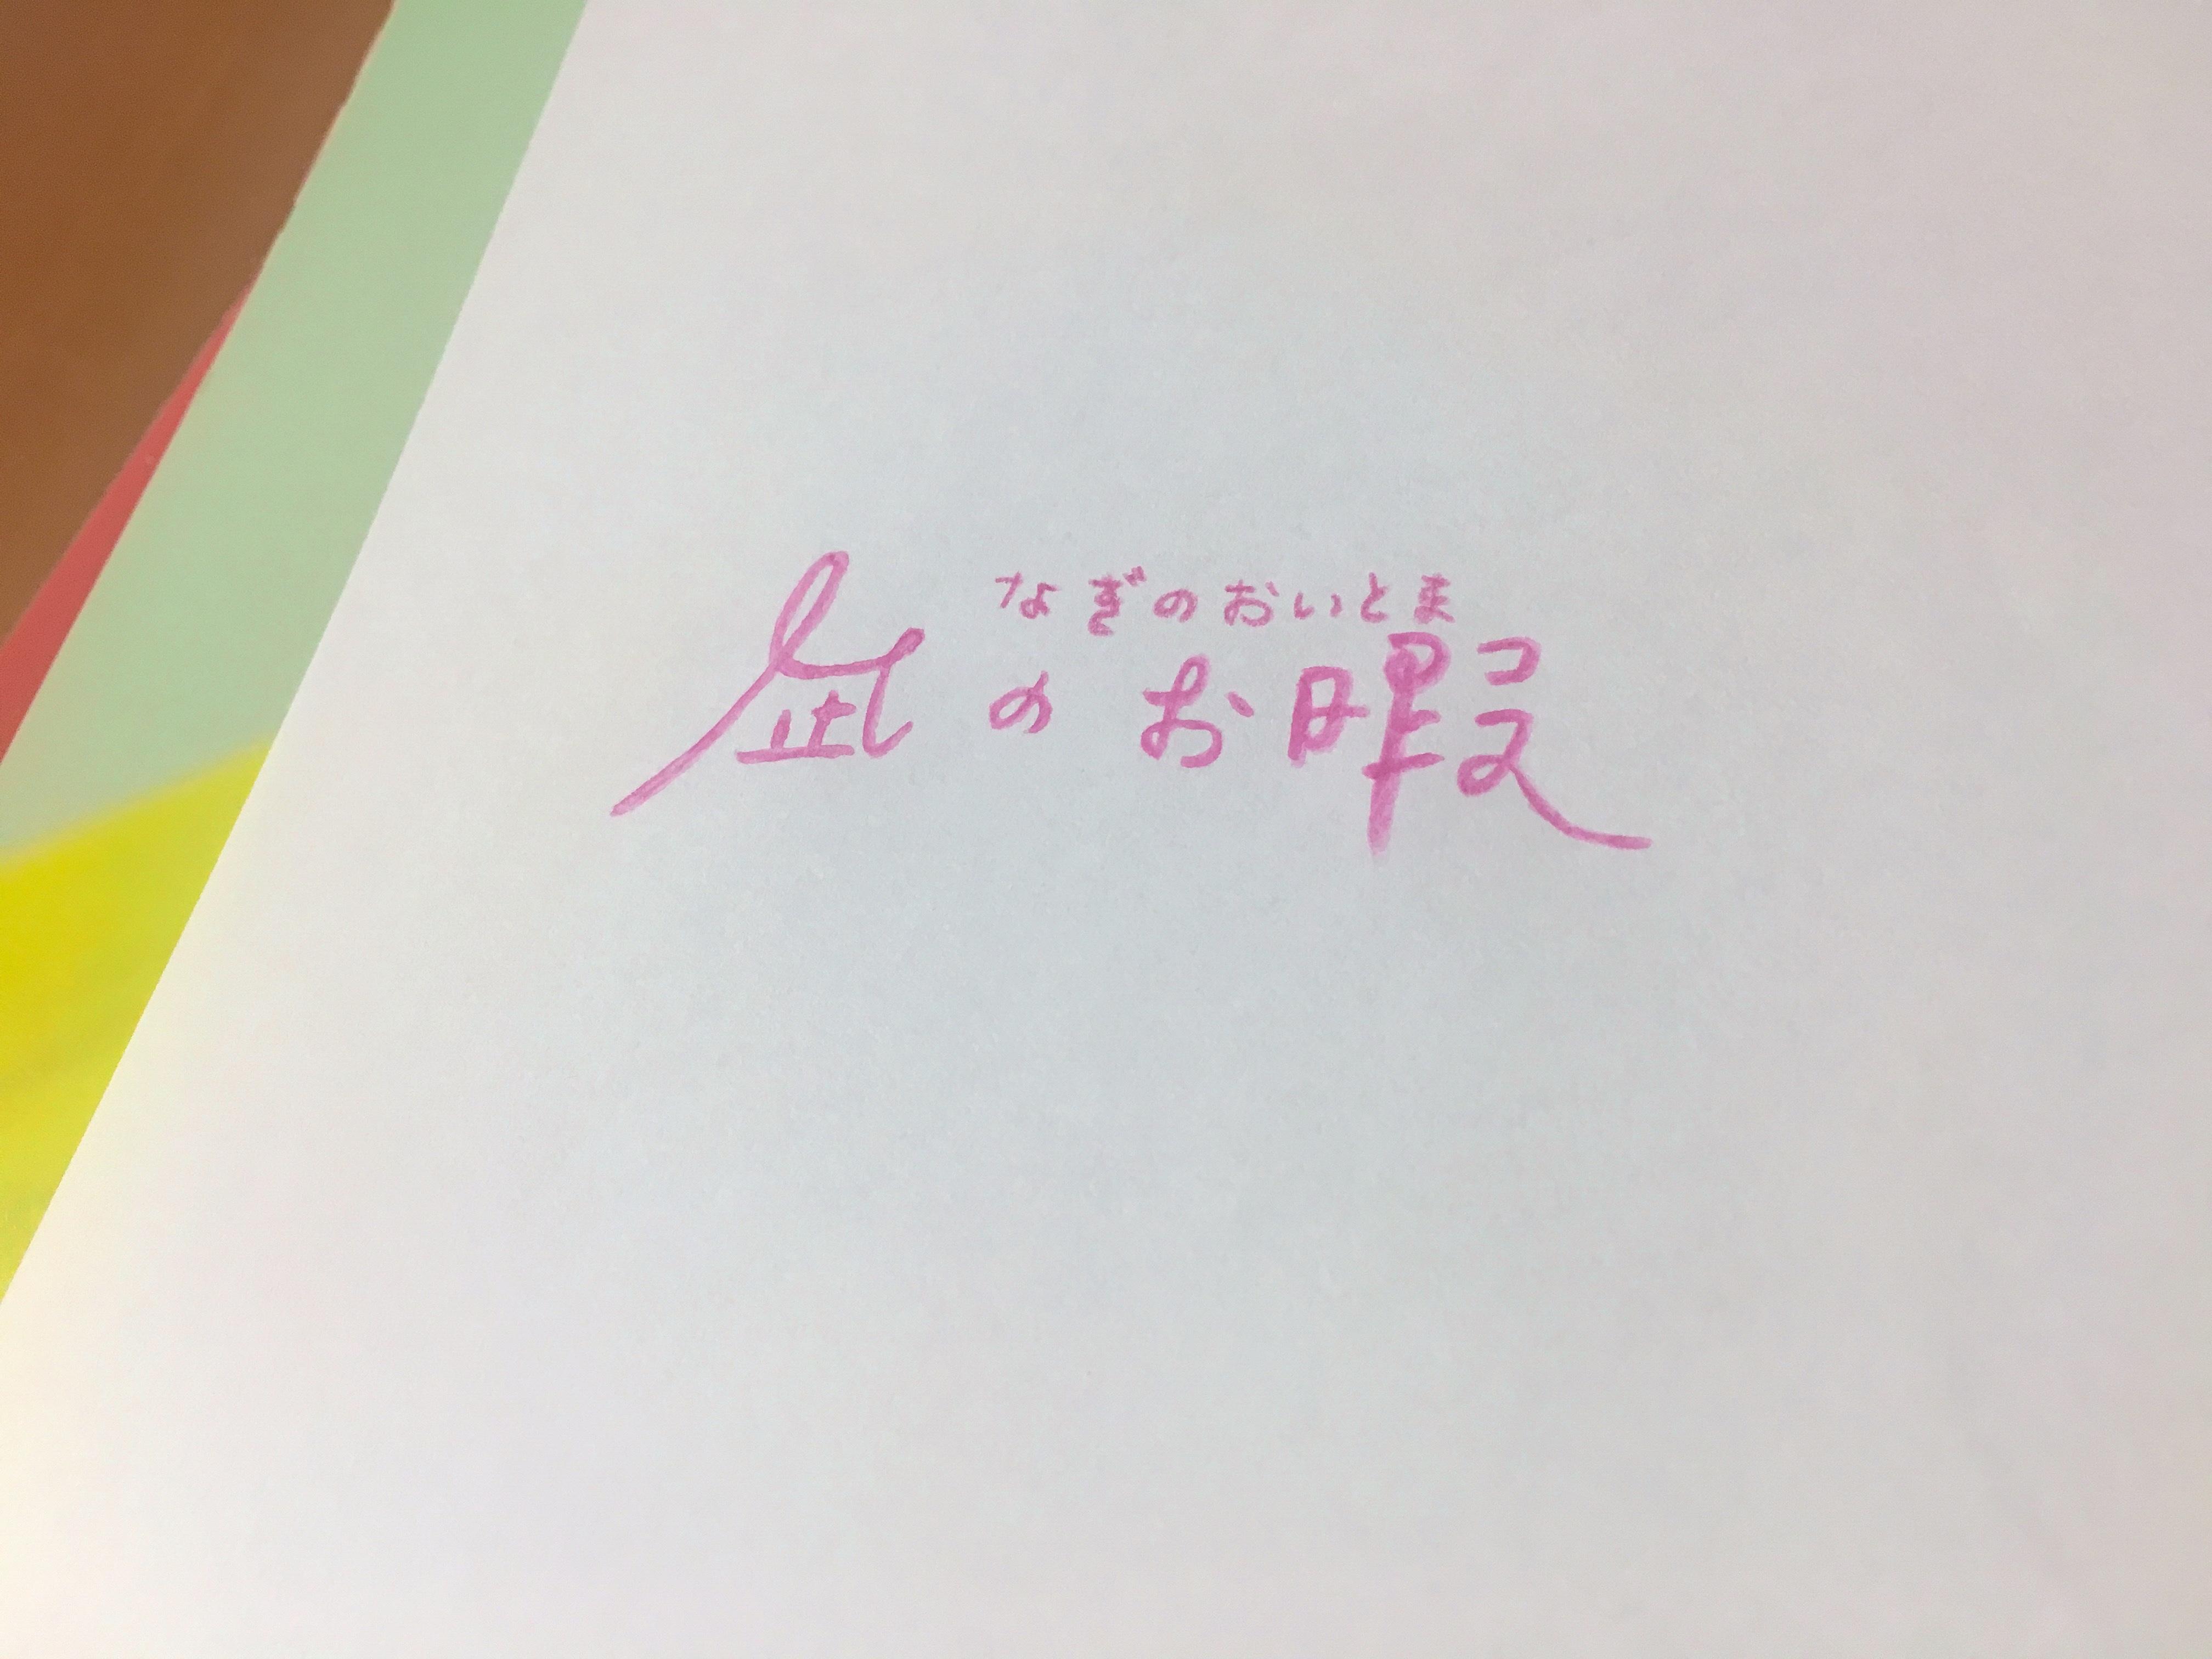 【女優から学ぶファッション】ドラマ『凪のお暇』が最高すぎました_1